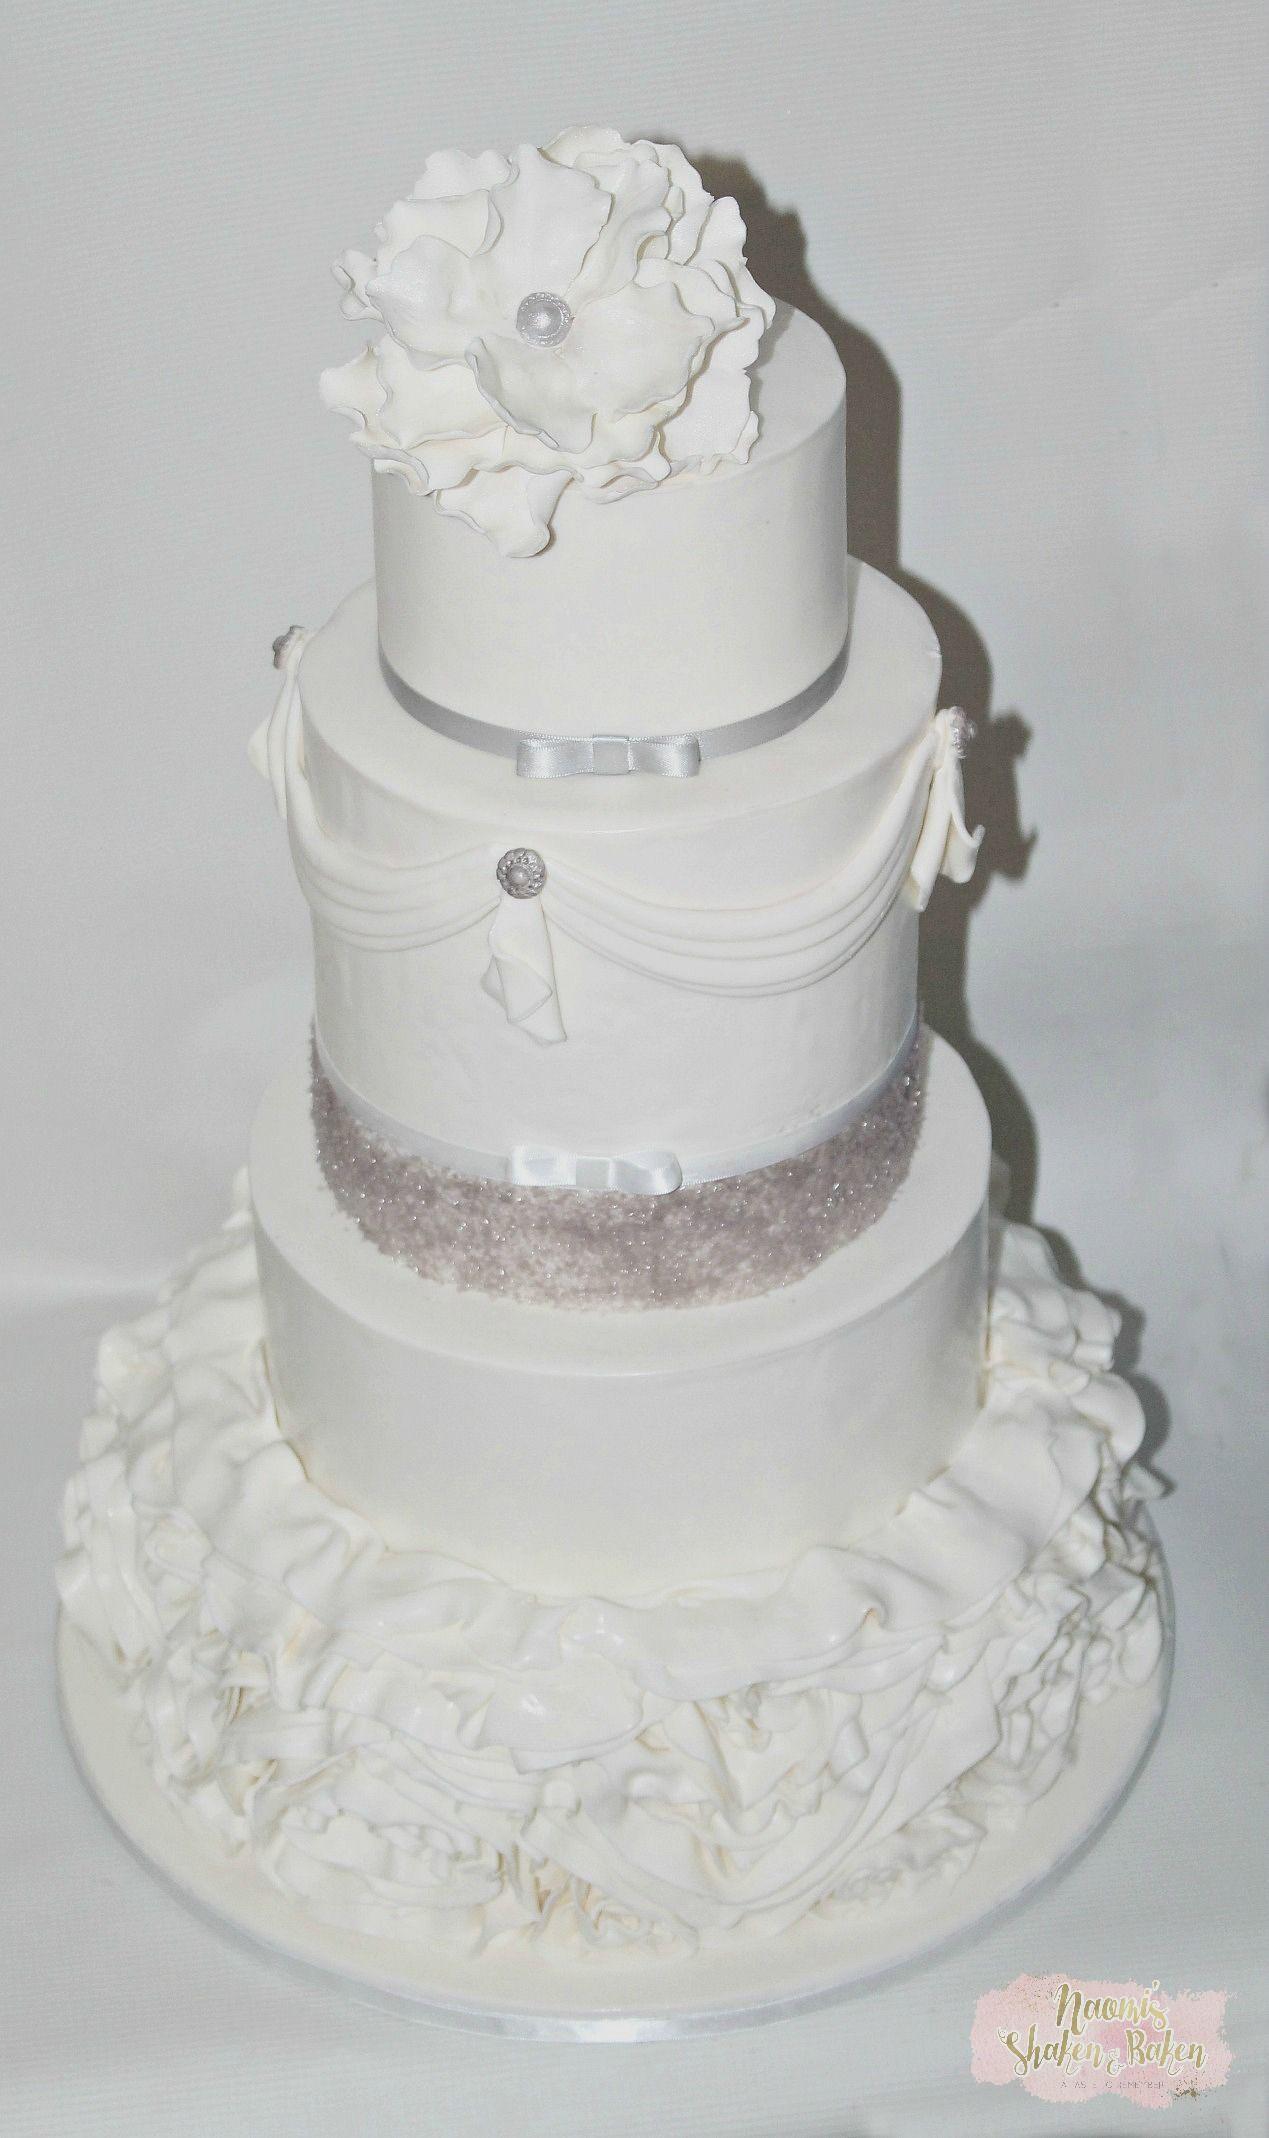 Elegant wedding cake #wedding #weddingcake #bne #brisbane #goldcoast ...